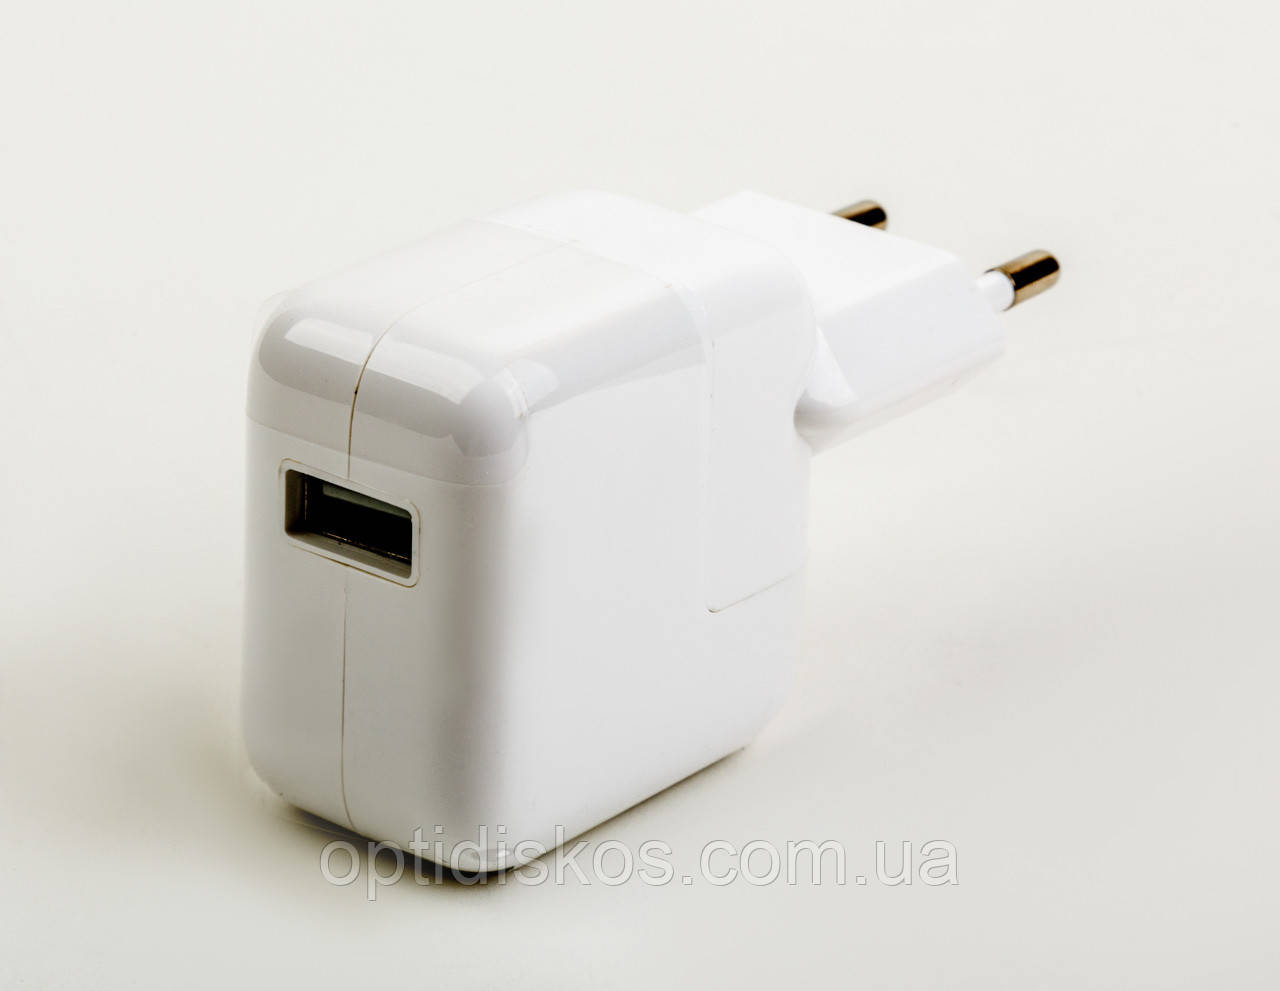 Переходник от сети для USB устройств, адаптер, IP Charger